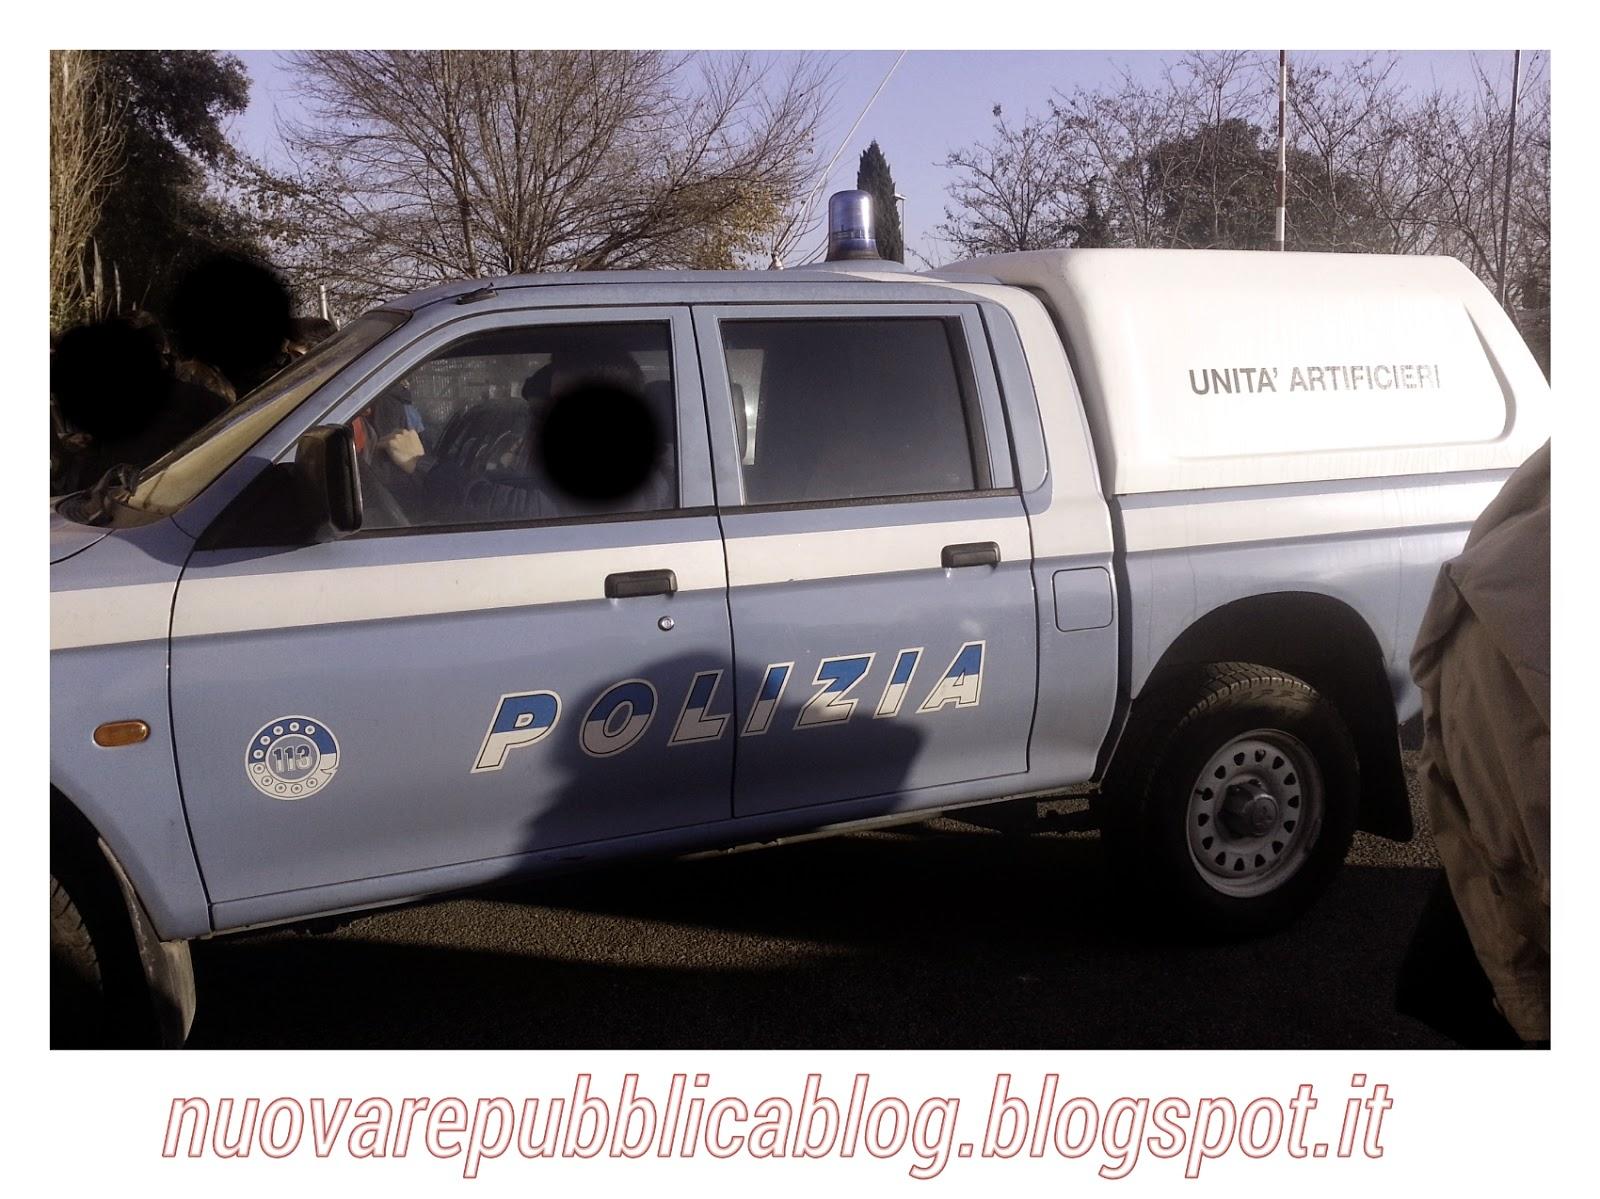 macchina artificieri polizia